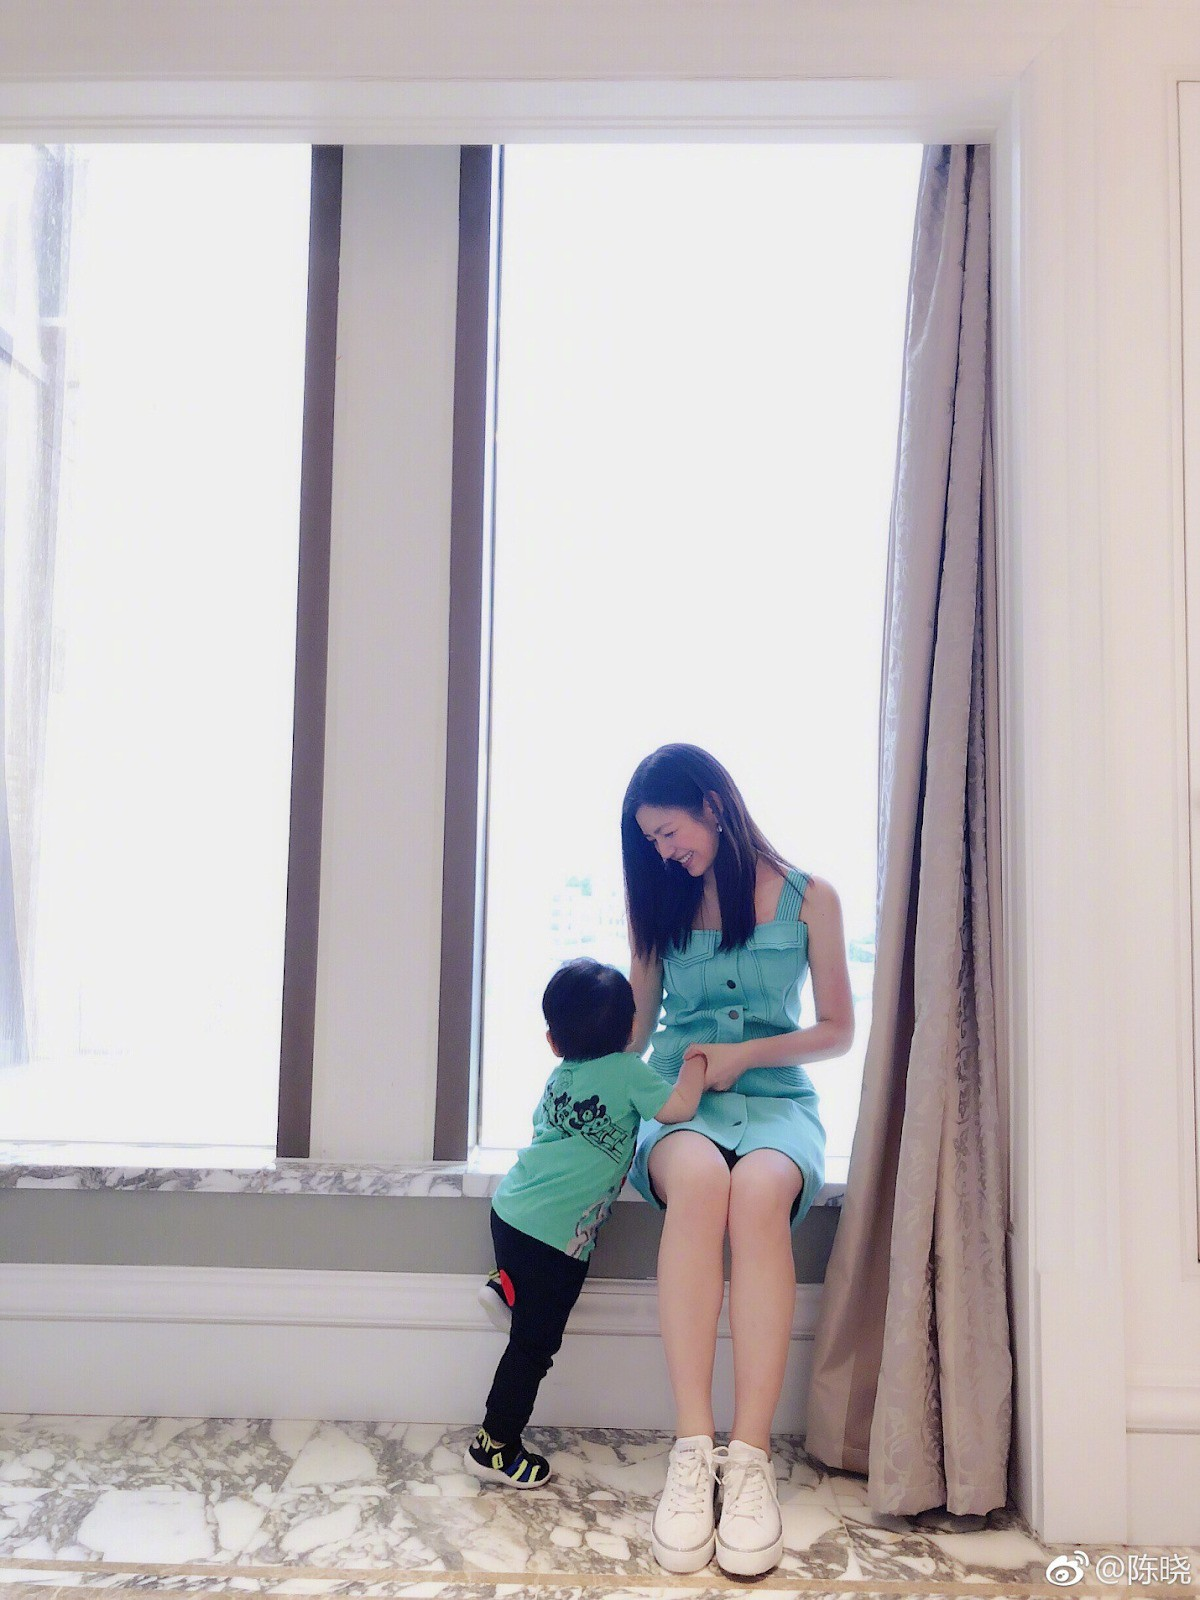 Ai sướng như mỹ nhân châu Á này: Xuất thân danh gia vọng tộc, tài sắc vẹn toàn lại toàn lấy được chồng như ý - Hình 11